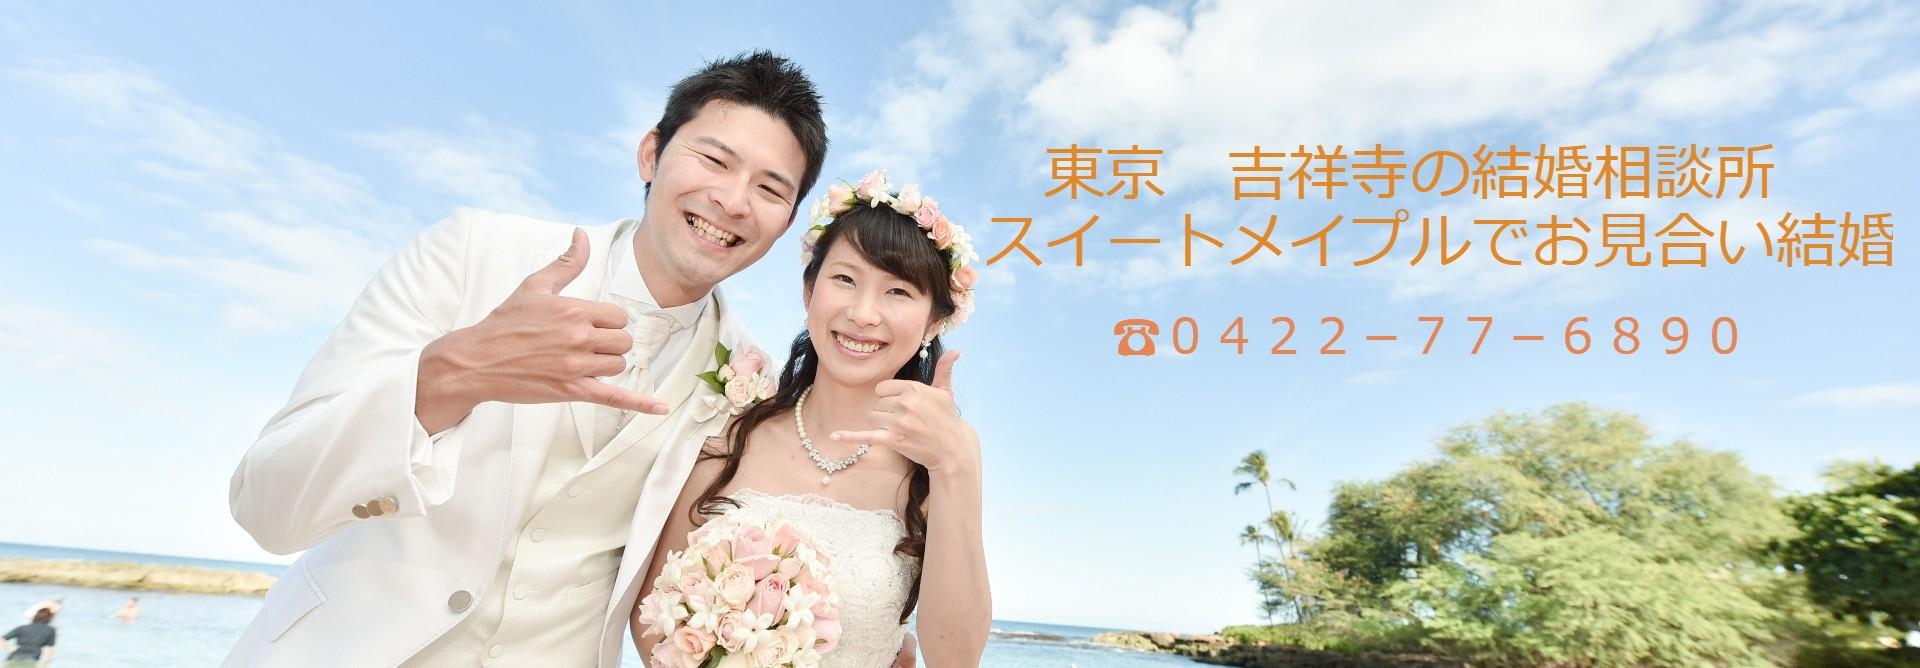 東京・吉祥寺の結婚相談所スイートメイプル